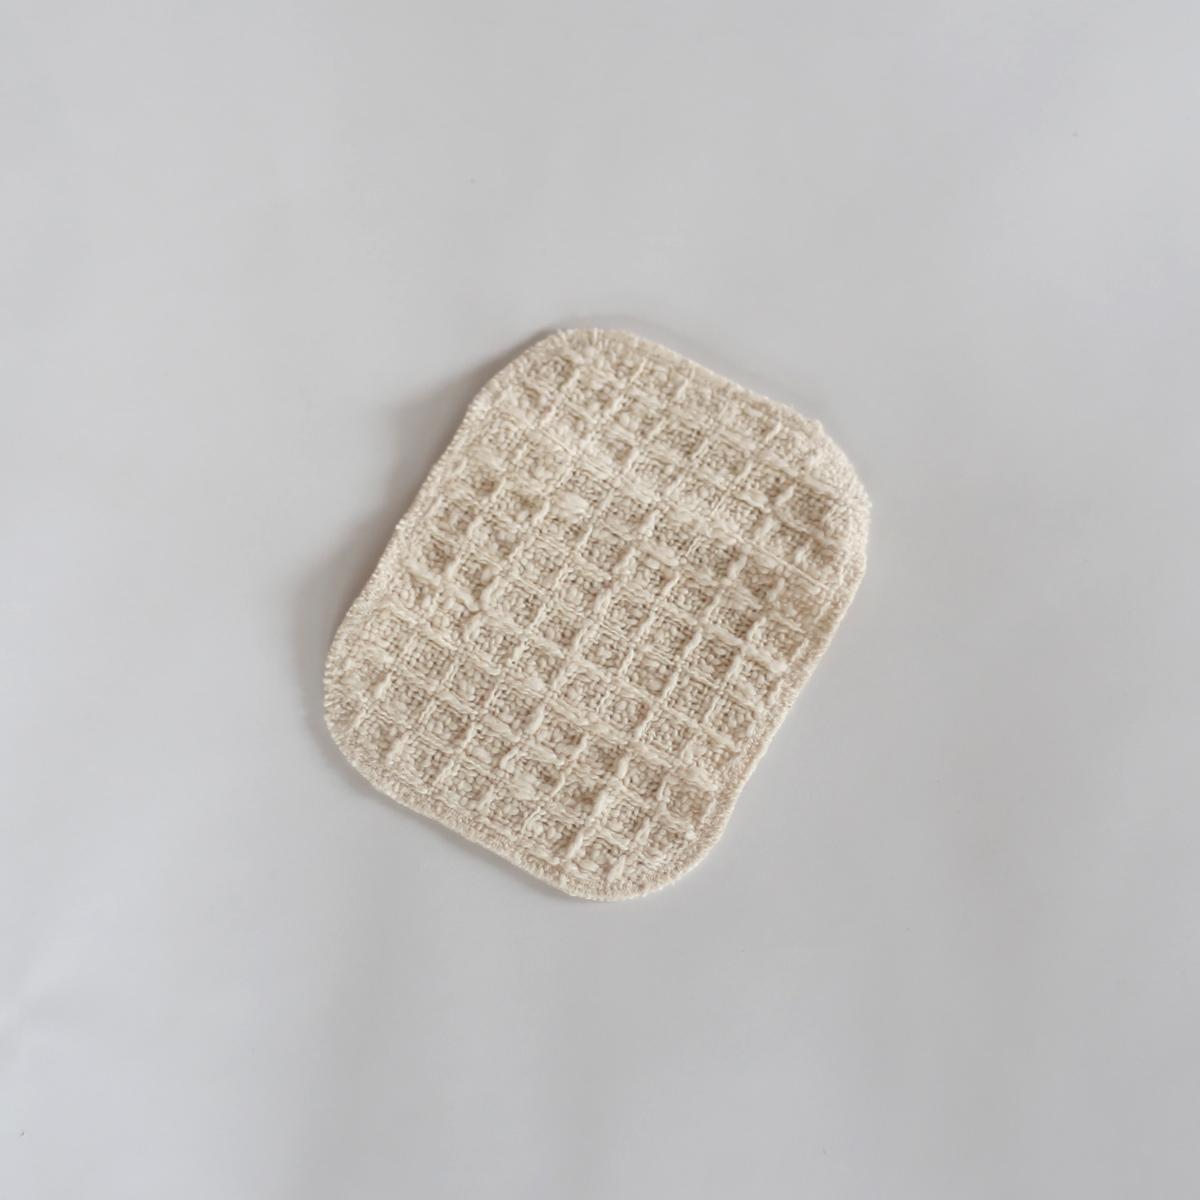 食器洗いや身体洗いに。ガラ紡のウォッシュパッド